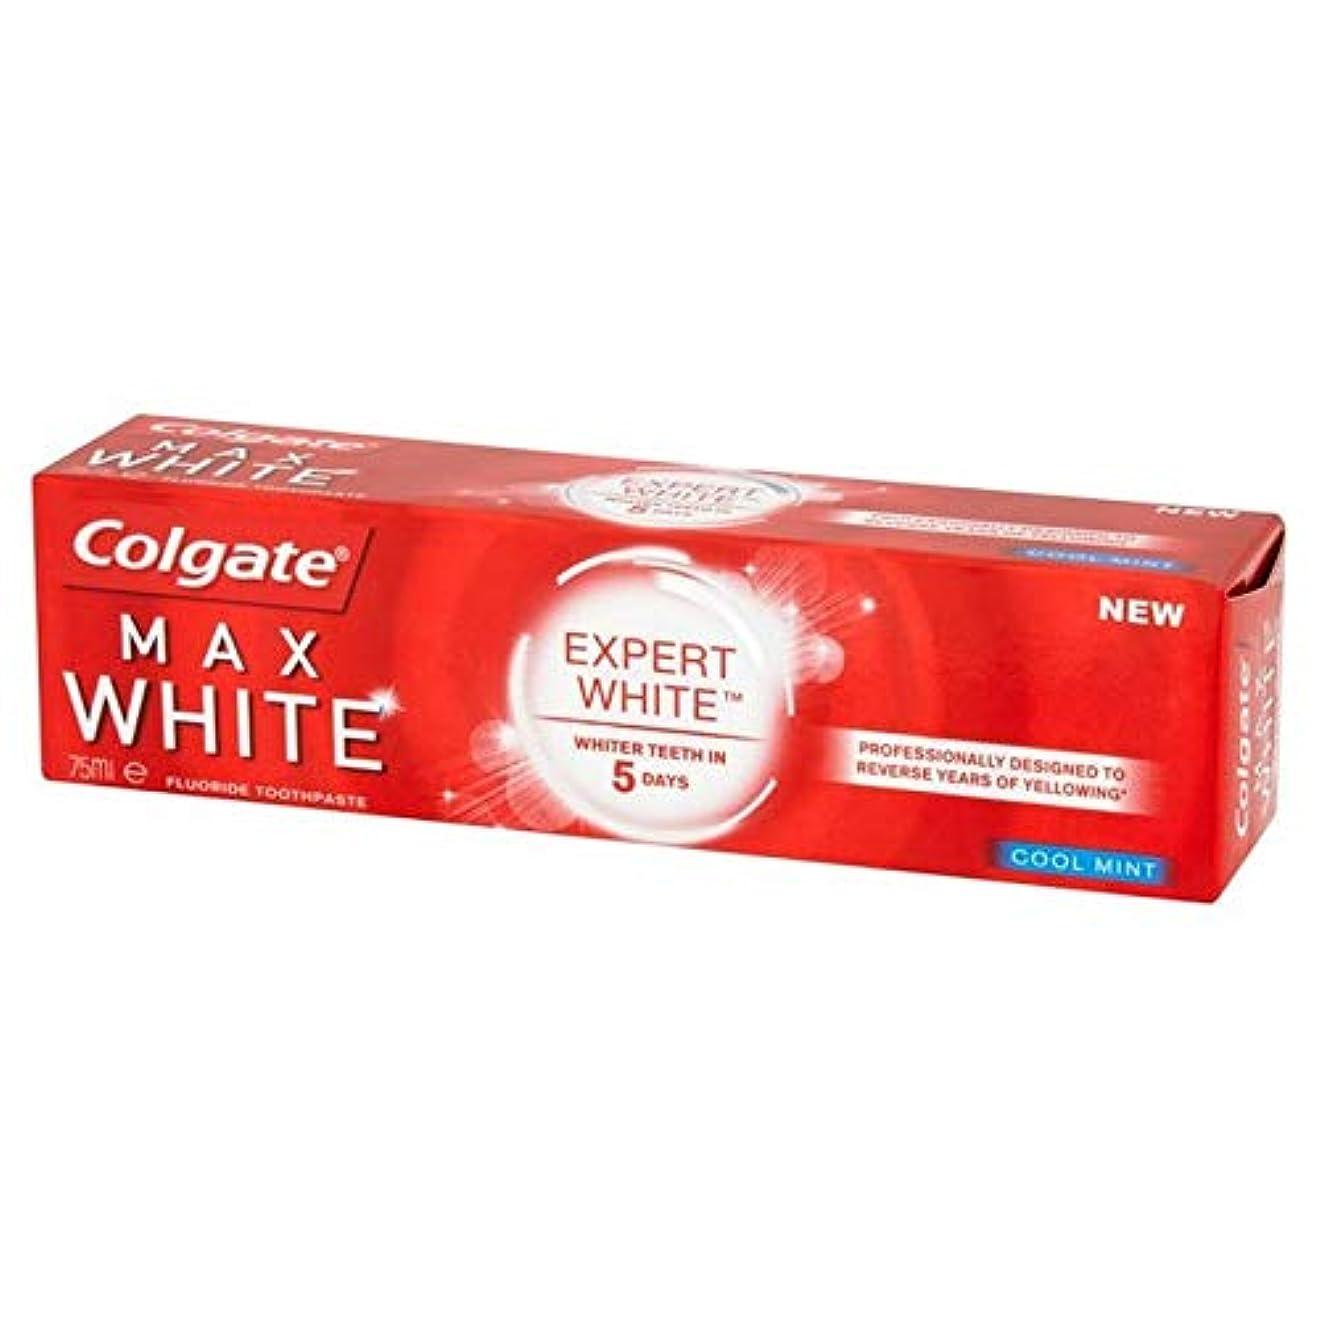 才能記憶に残る強盗[Colgate ] コルゲート最大白の専門家クールミントホワイトニング歯磨き粉75ミリリットル - Colgate Max White Expert Cool Mint Whitening Toothpaste 75ml [並行輸入品]